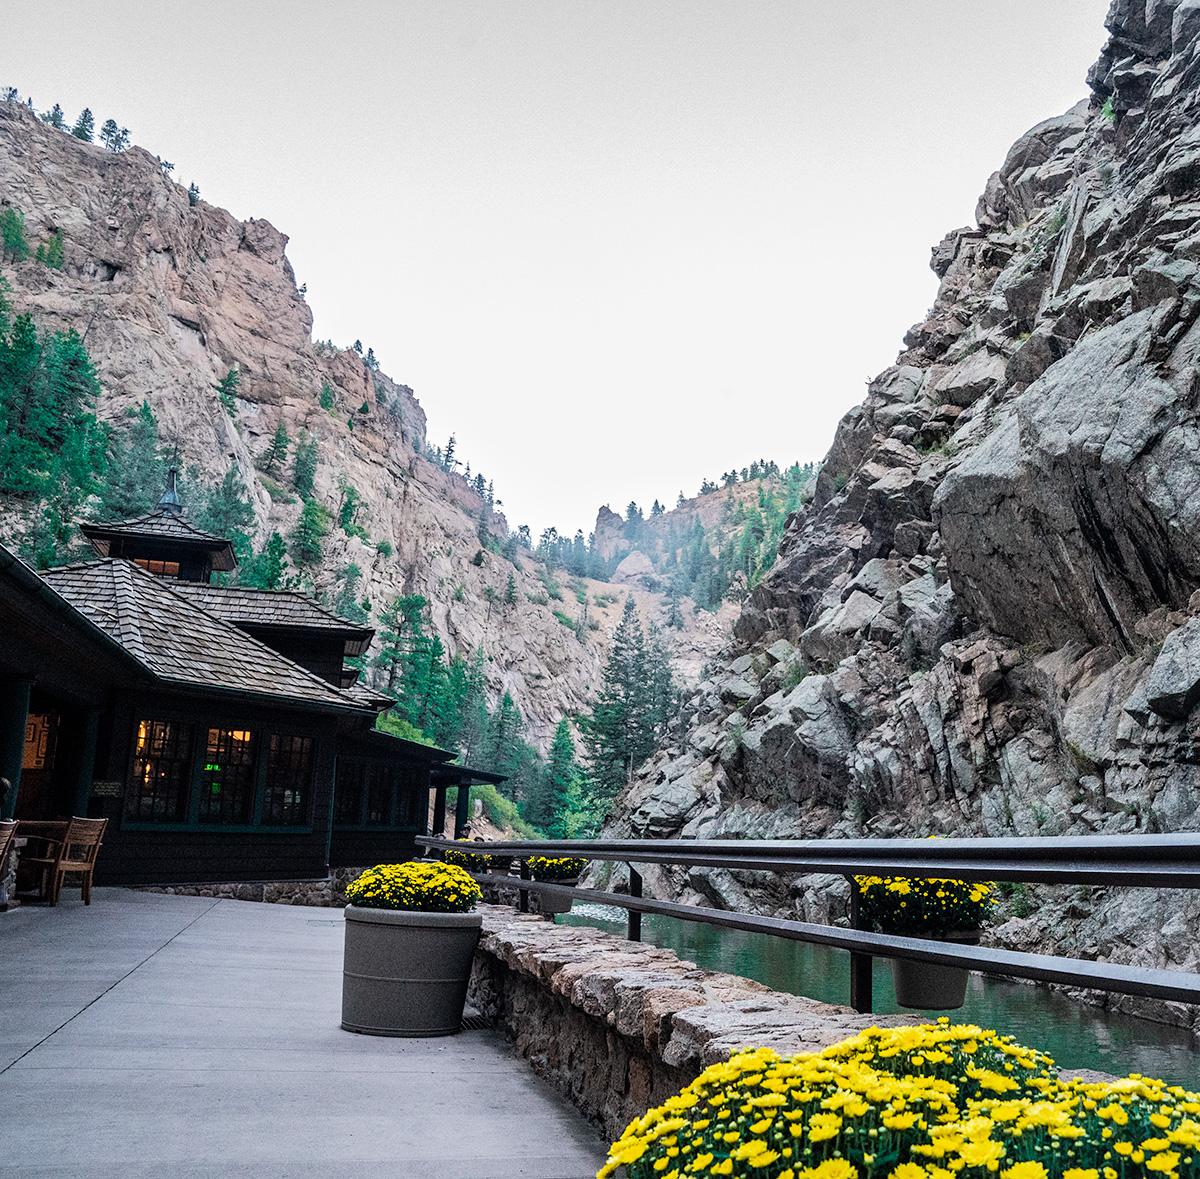 Colorado-Springs-Broadmoor-Seven-Falls